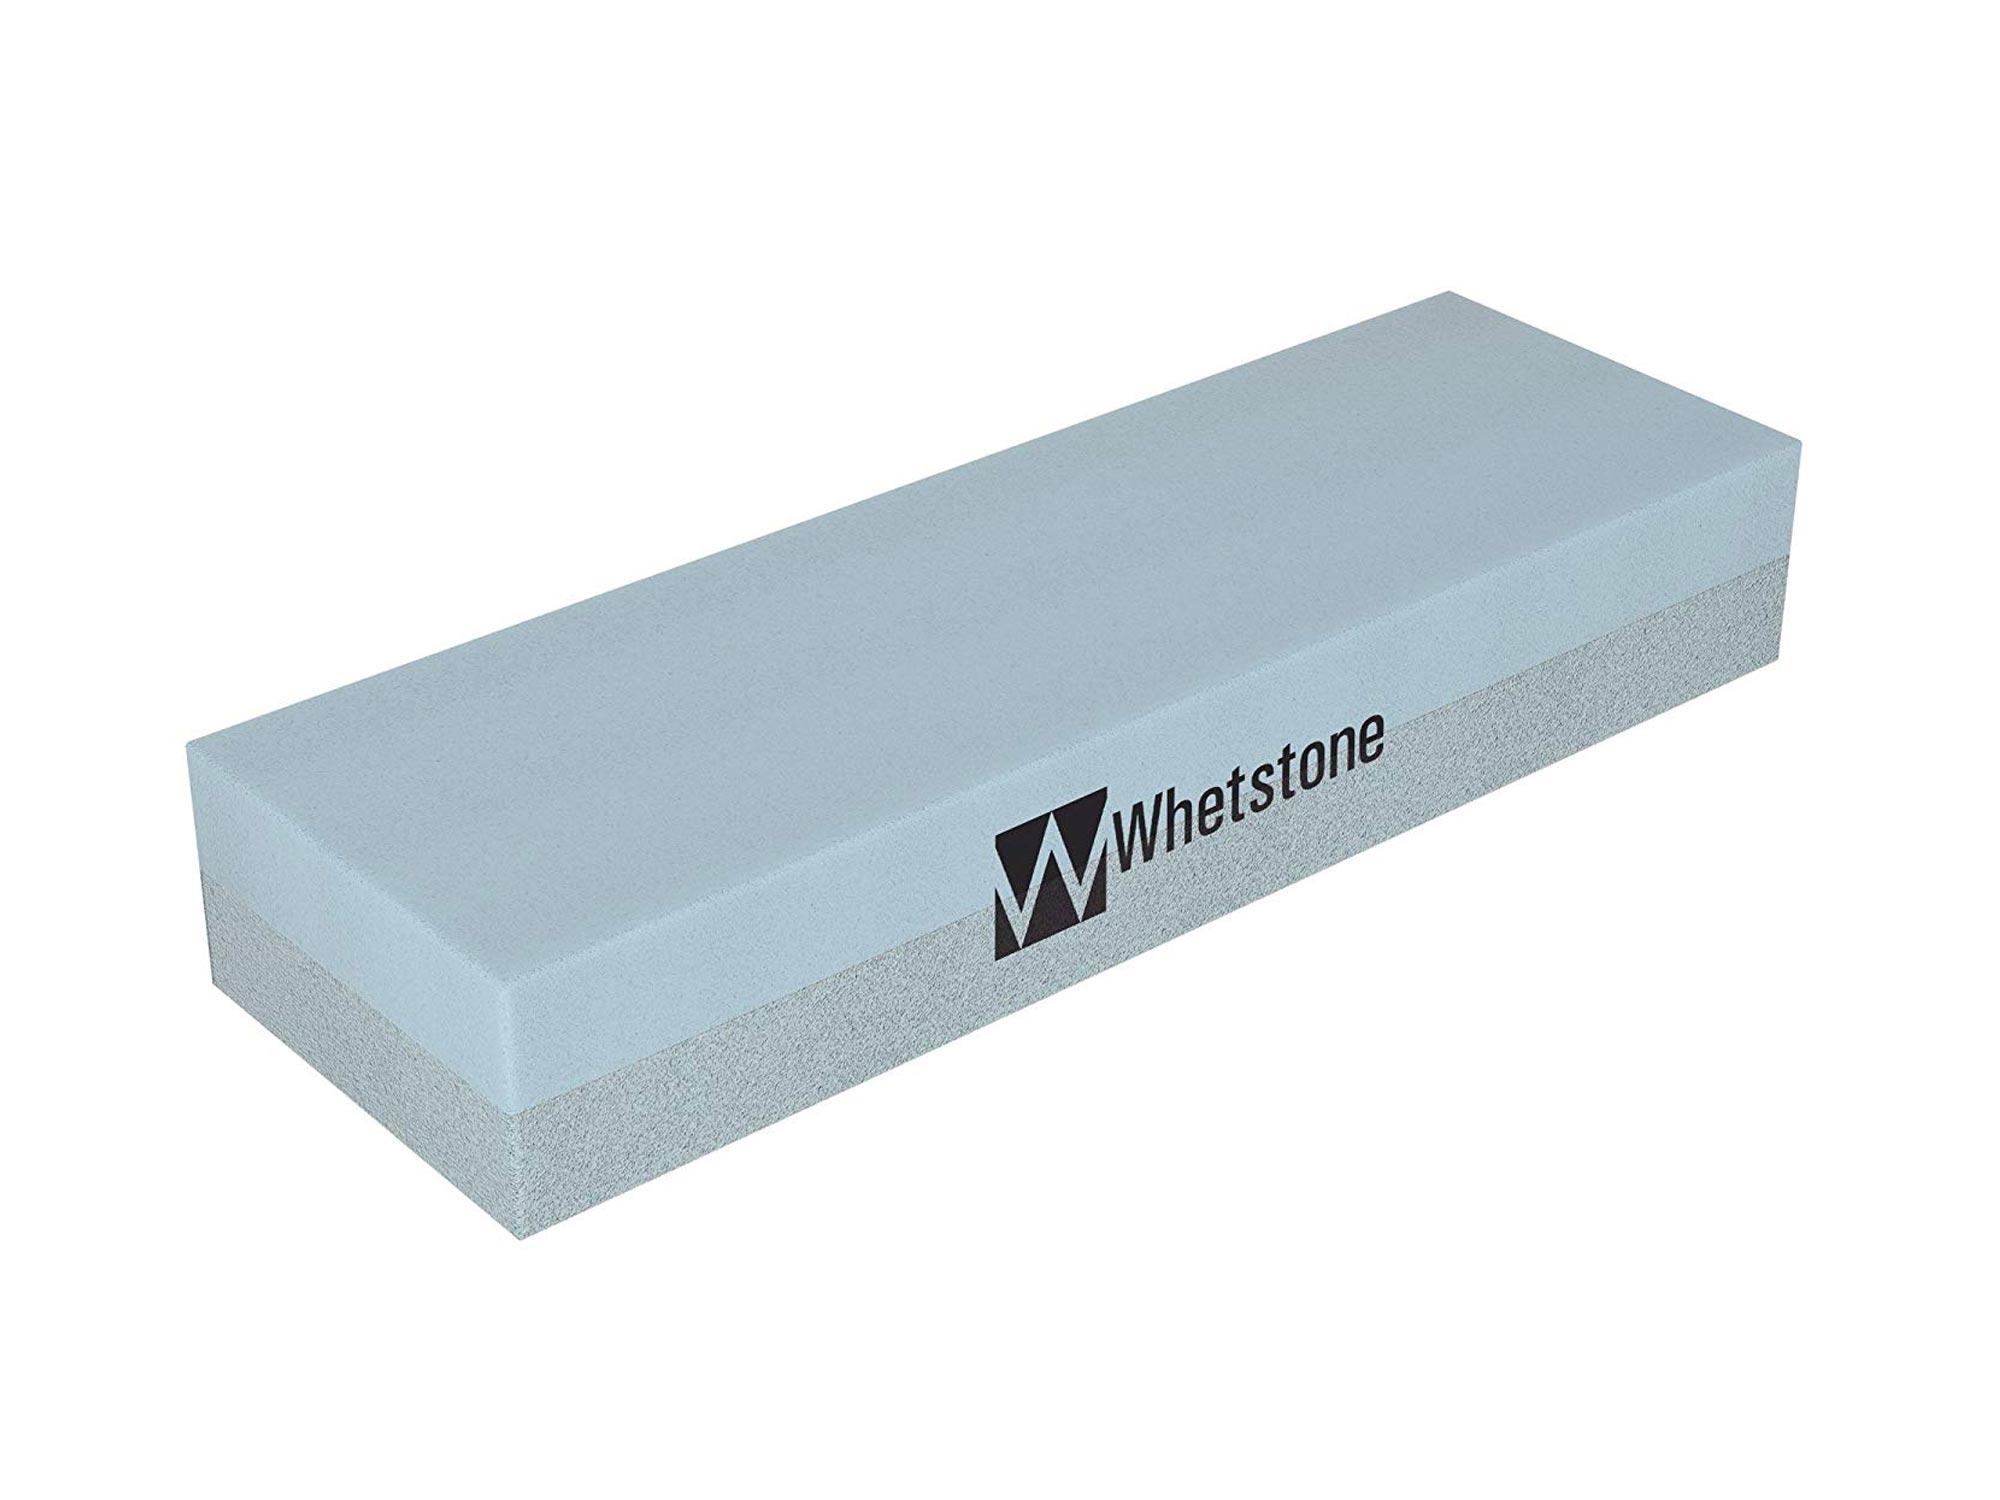 Whetstone stone sharpener